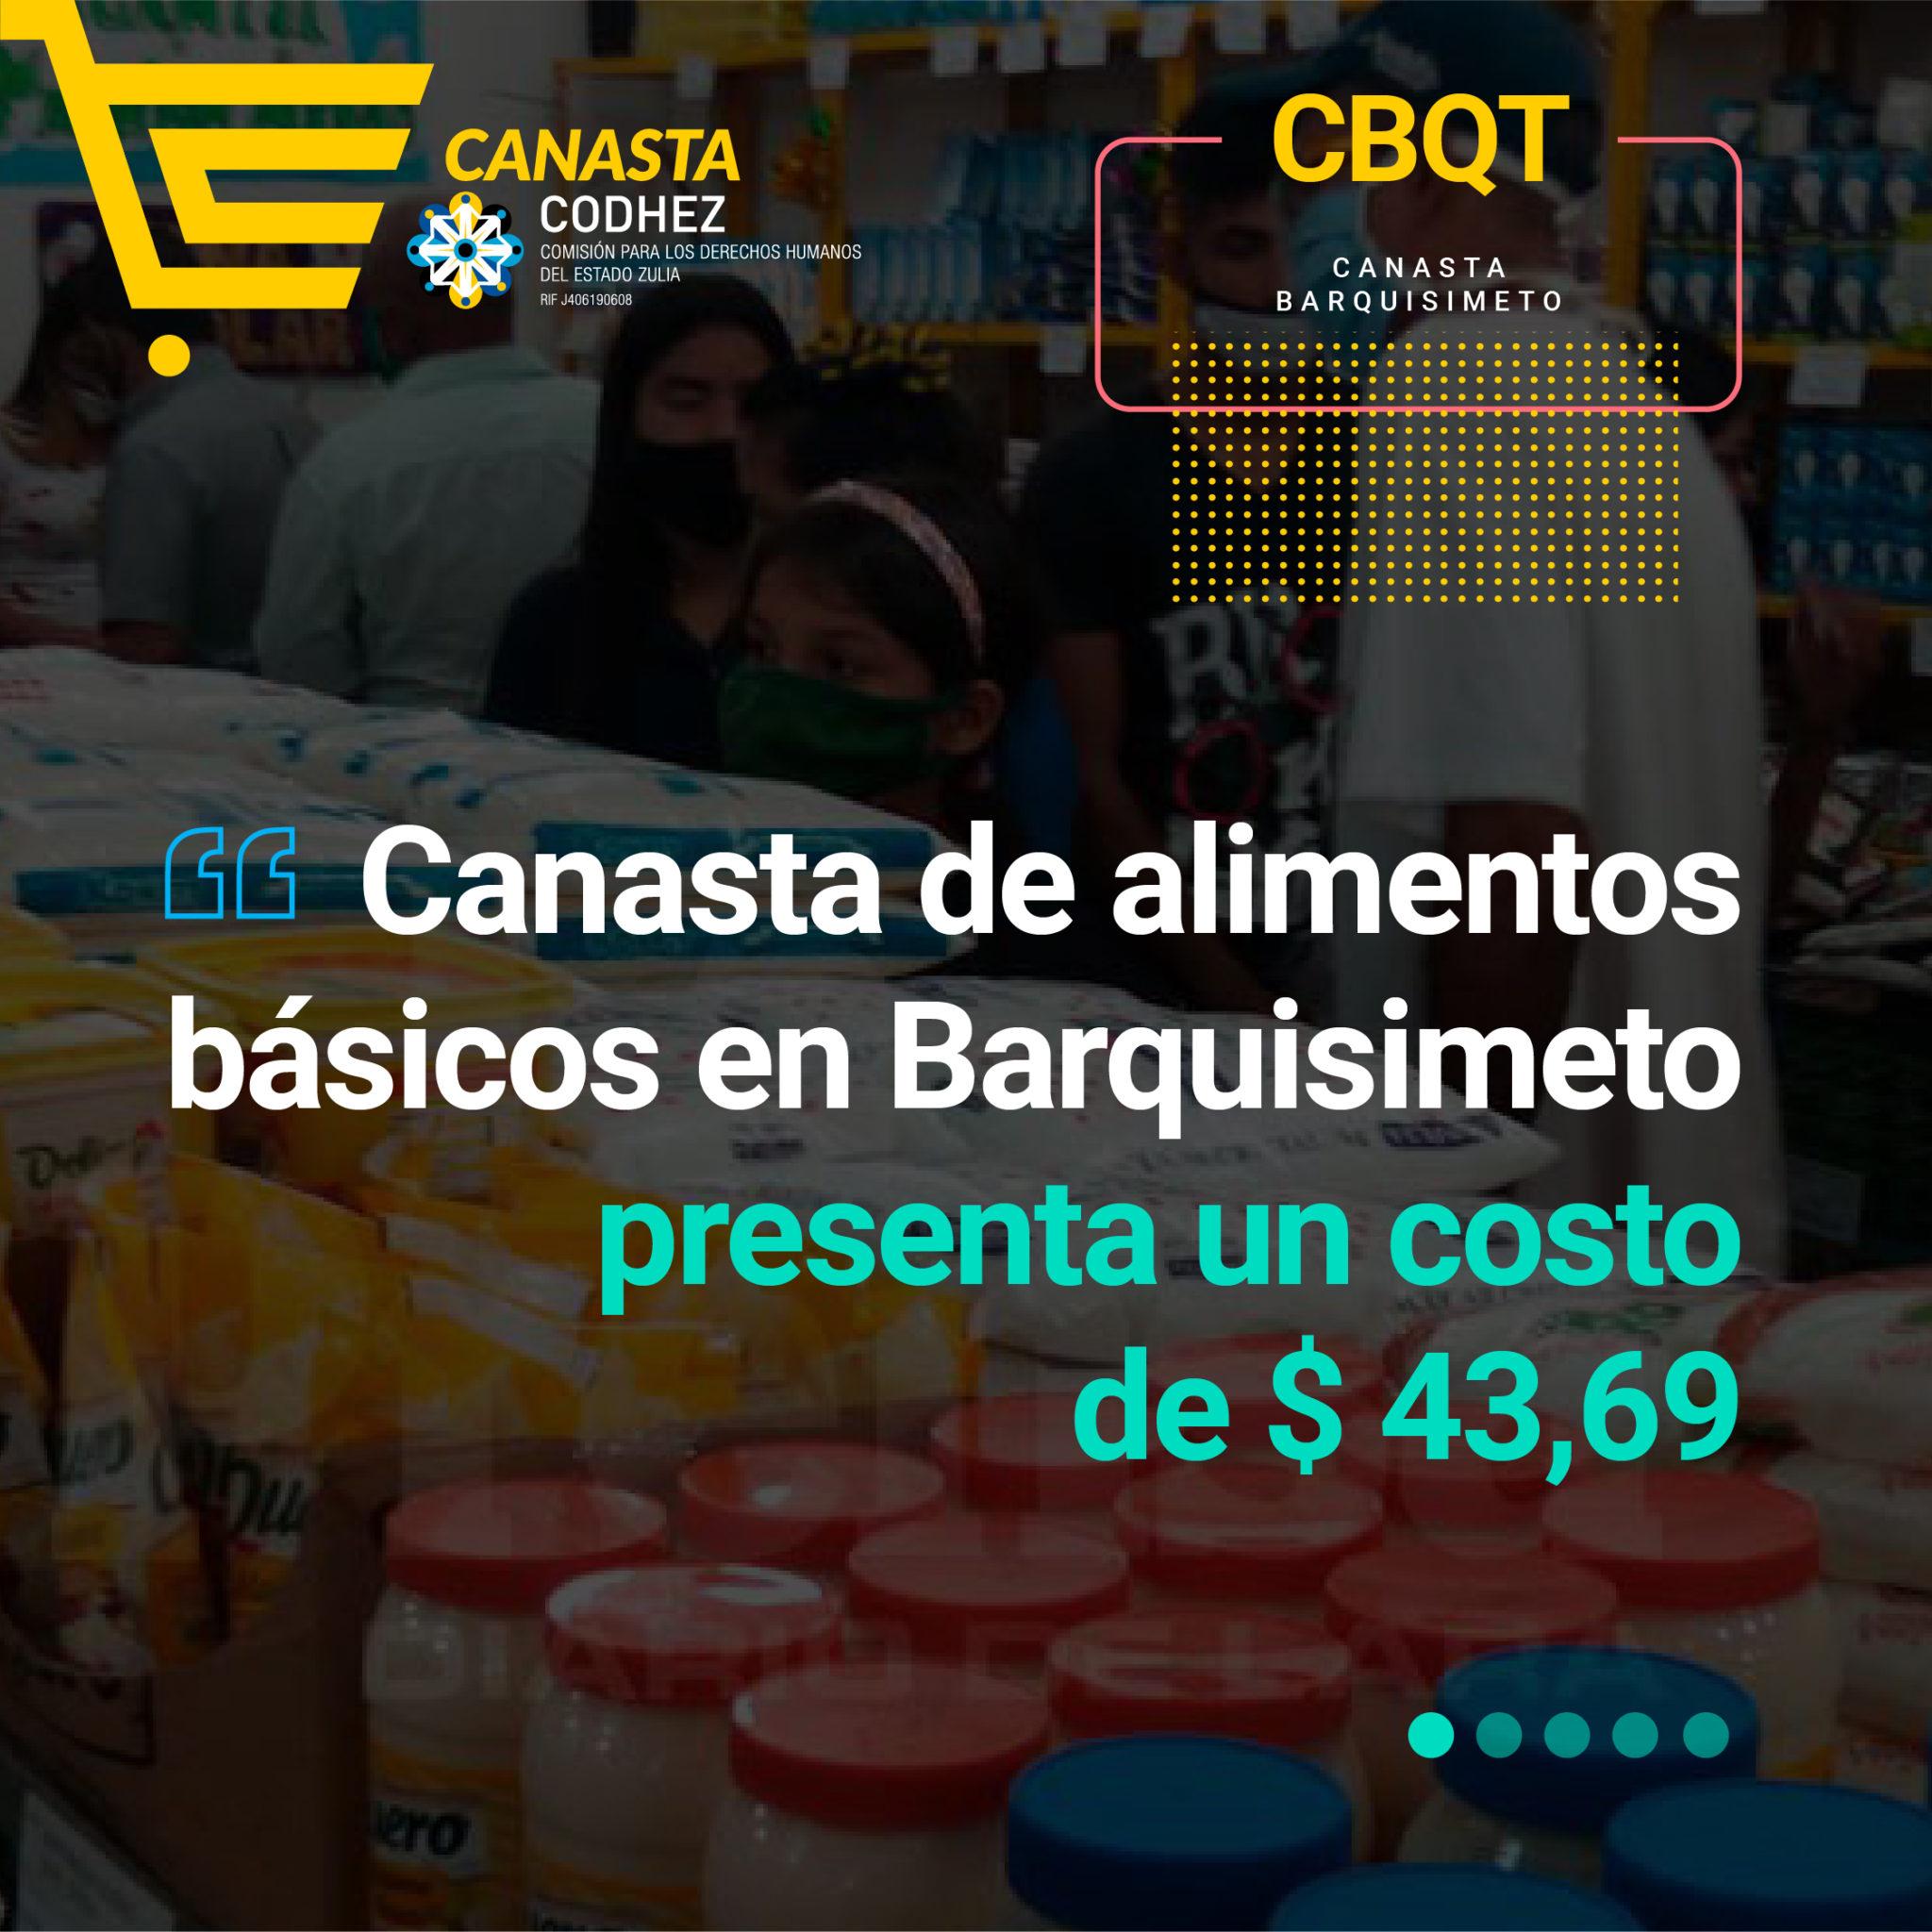 Canasta de alimentos básicos en Barquisimeto registra un costo de $43,69 para el cierre de mayo